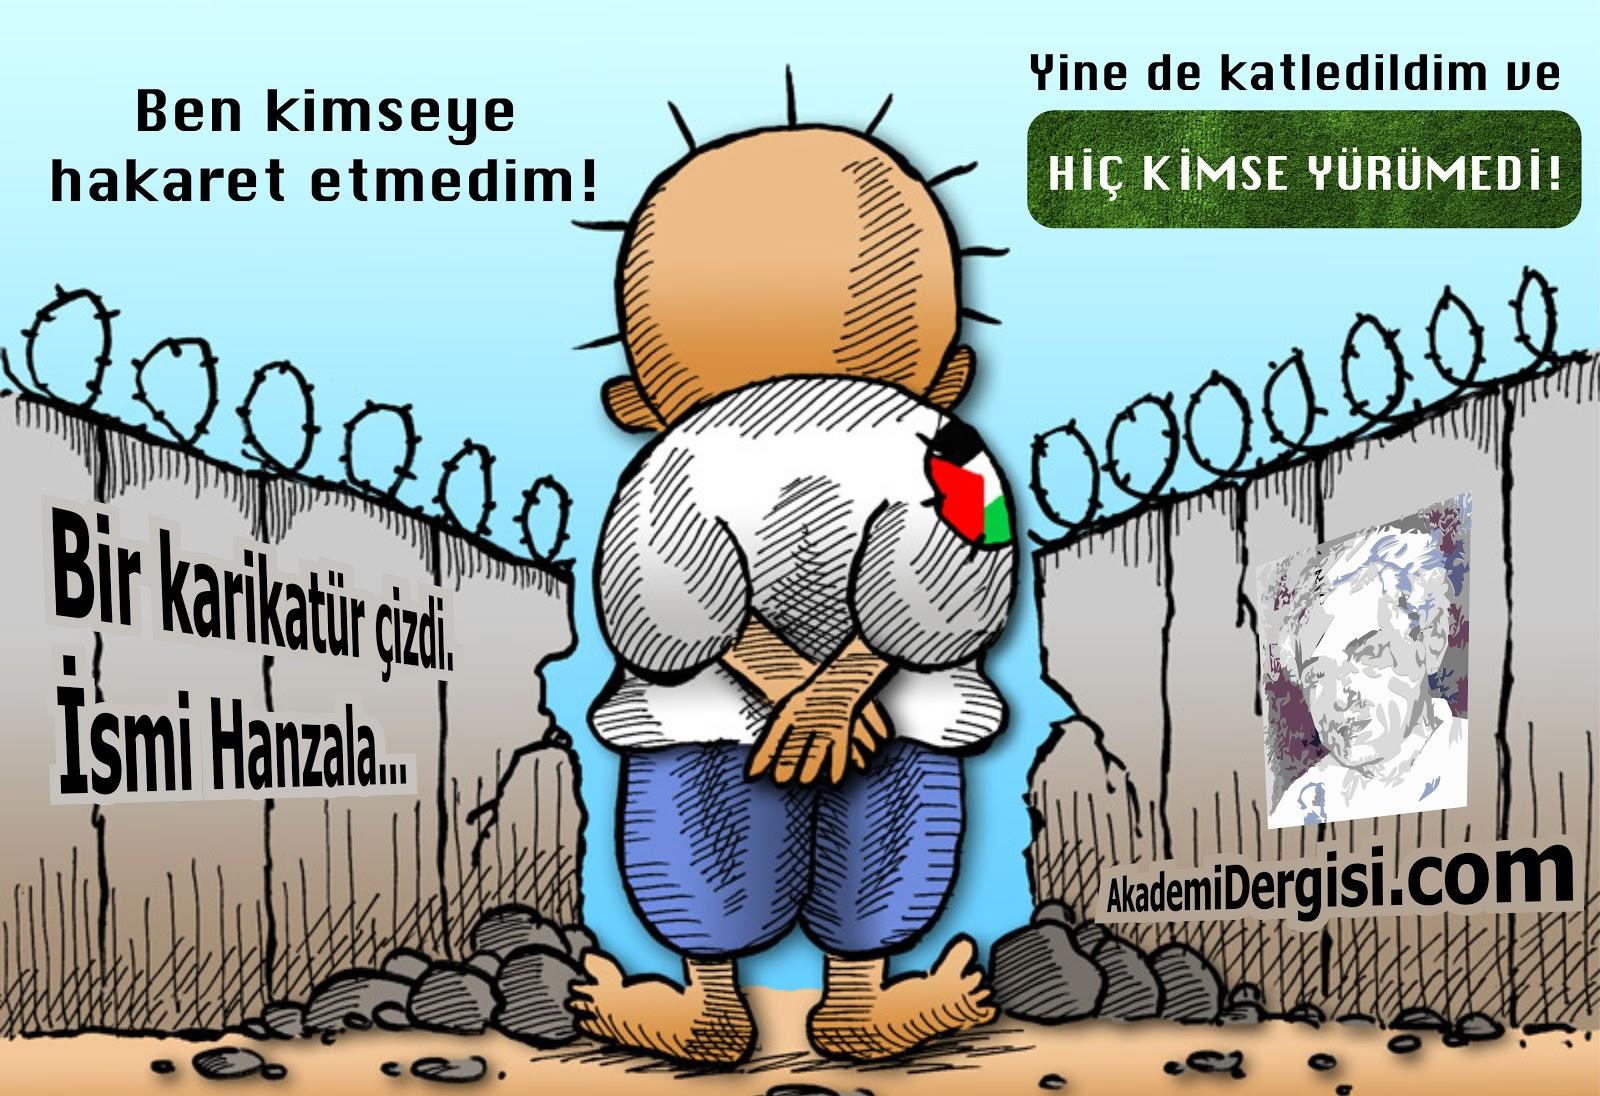 Naci el Ali, filistin, Filistin Meselesi, mossad, Karikatür, Sanatkarlar-Edipler-Şairler, Charlie Hebdo, 11 eylül 2001, Haçlı Seferleri,